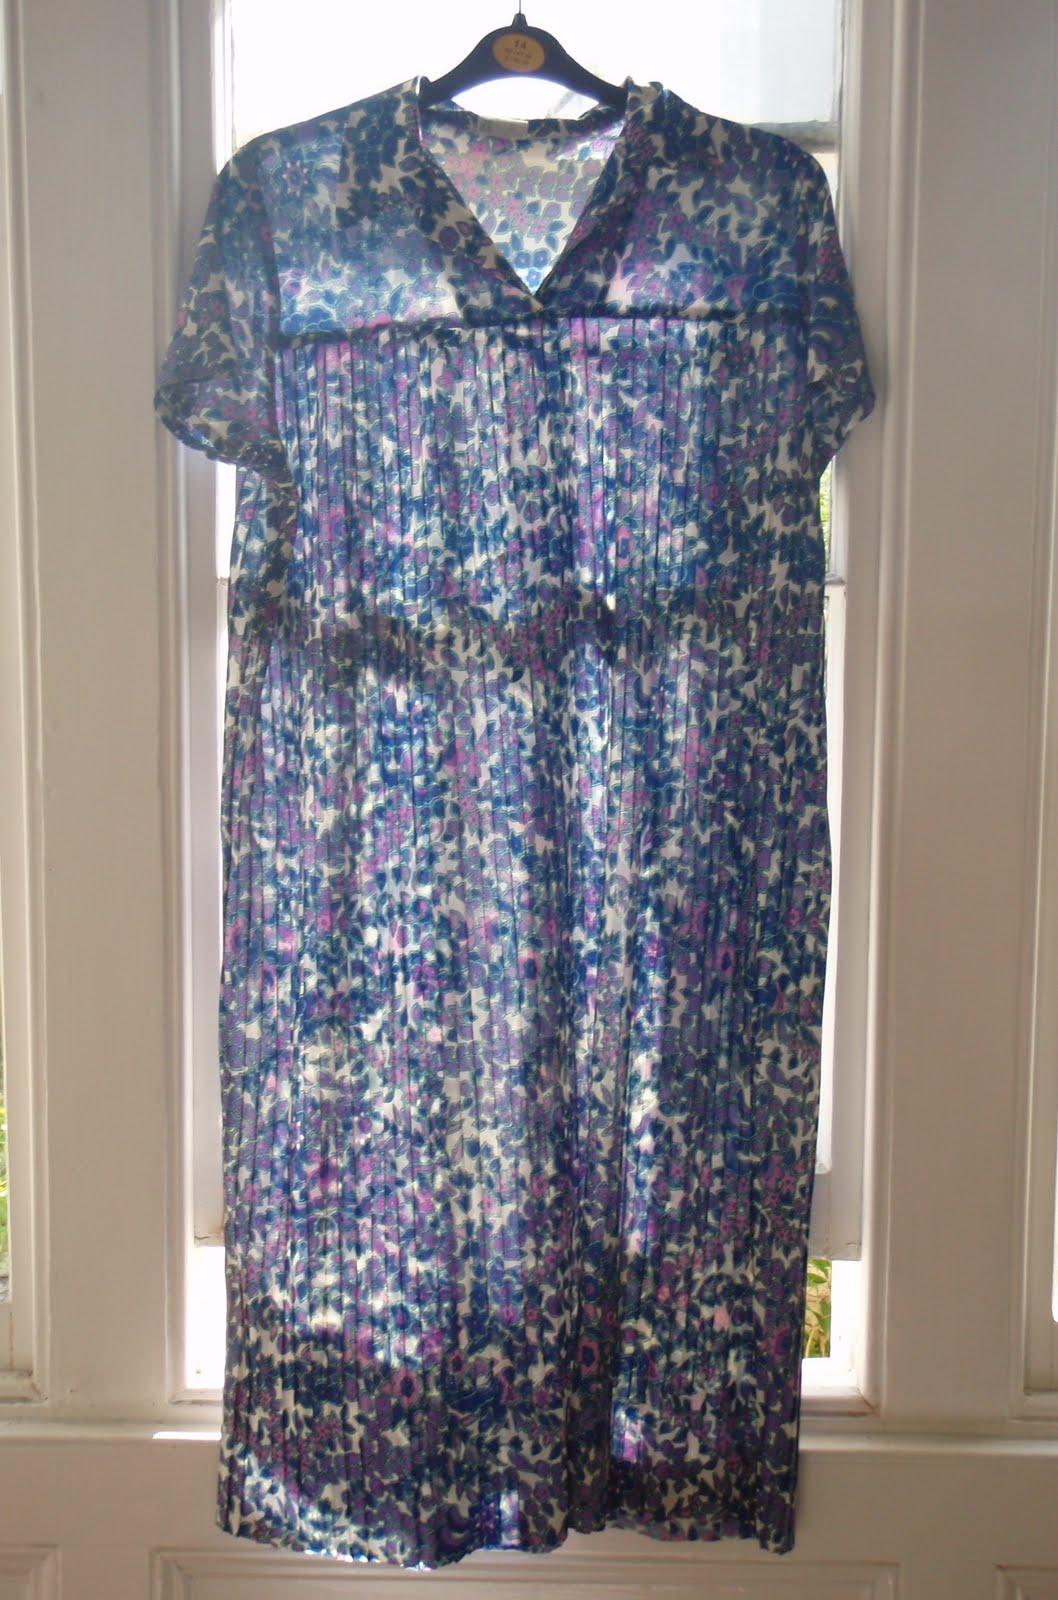 Fashion Fair clothes swap vintage dress